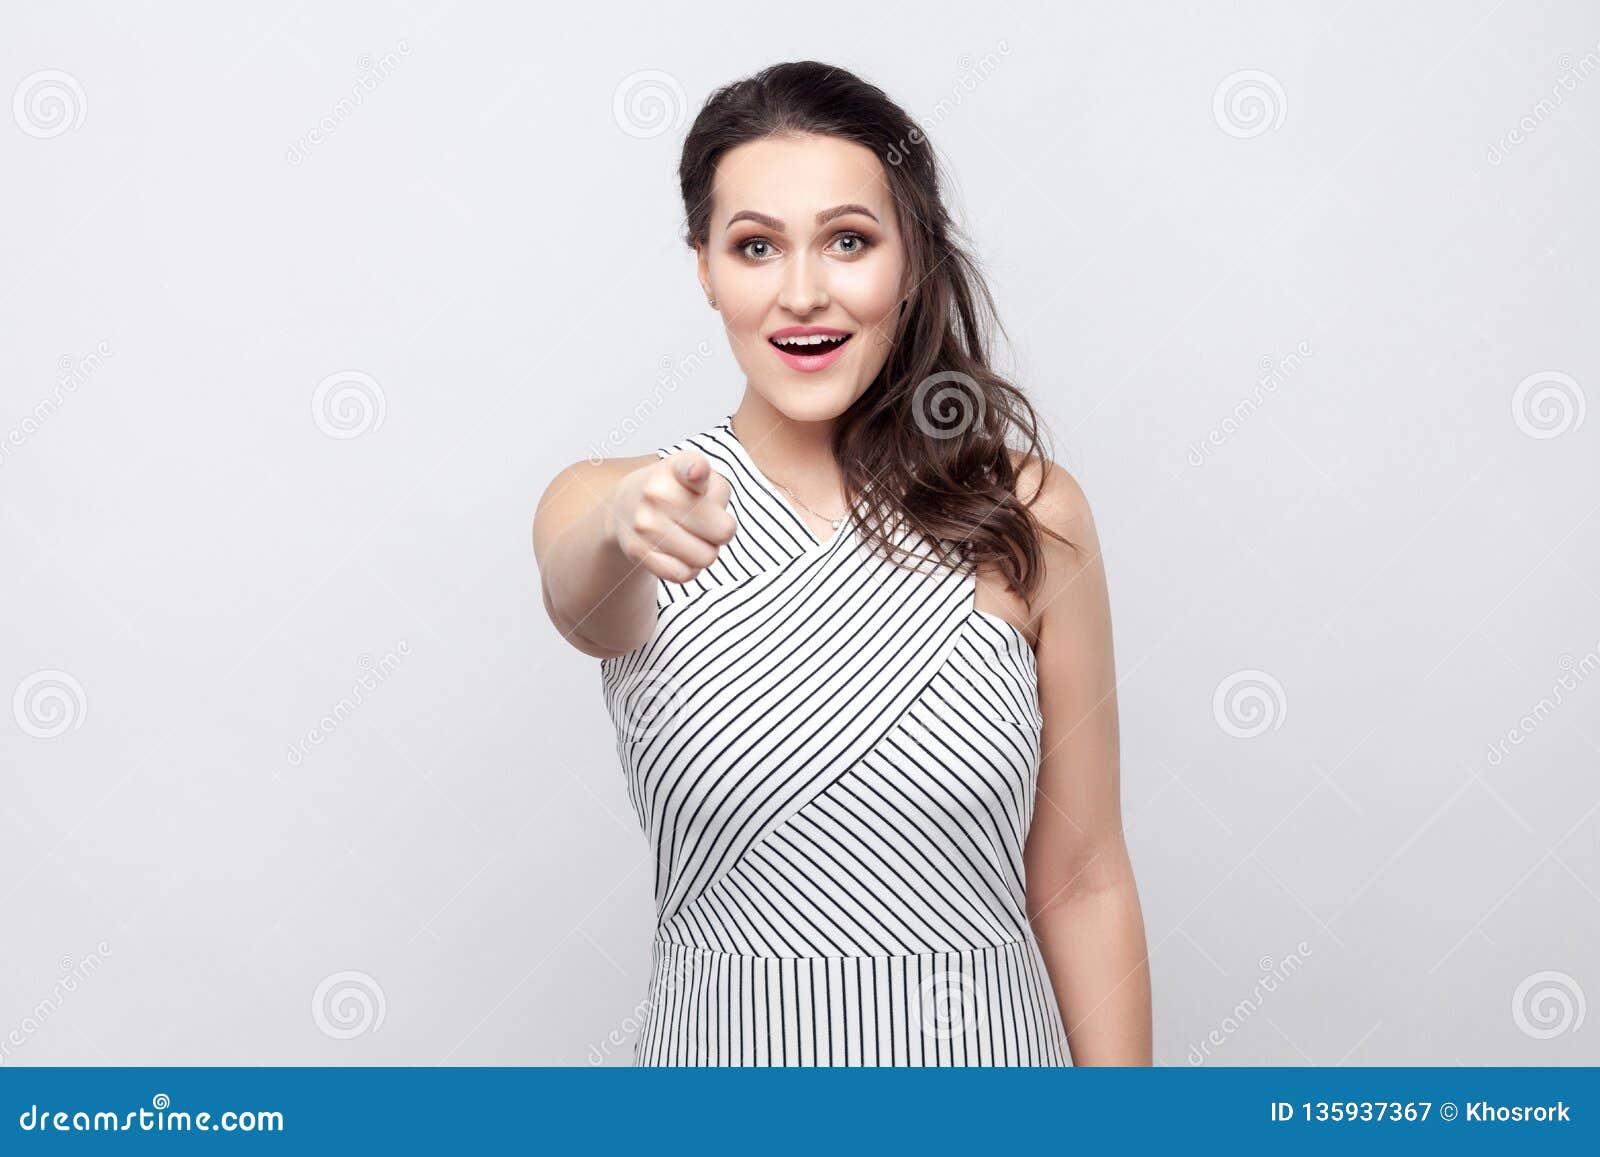 Ritratto di bella giovane donna castana felice stupita con trucco e la condizione a strisce del vestito, esaminante ed indicante